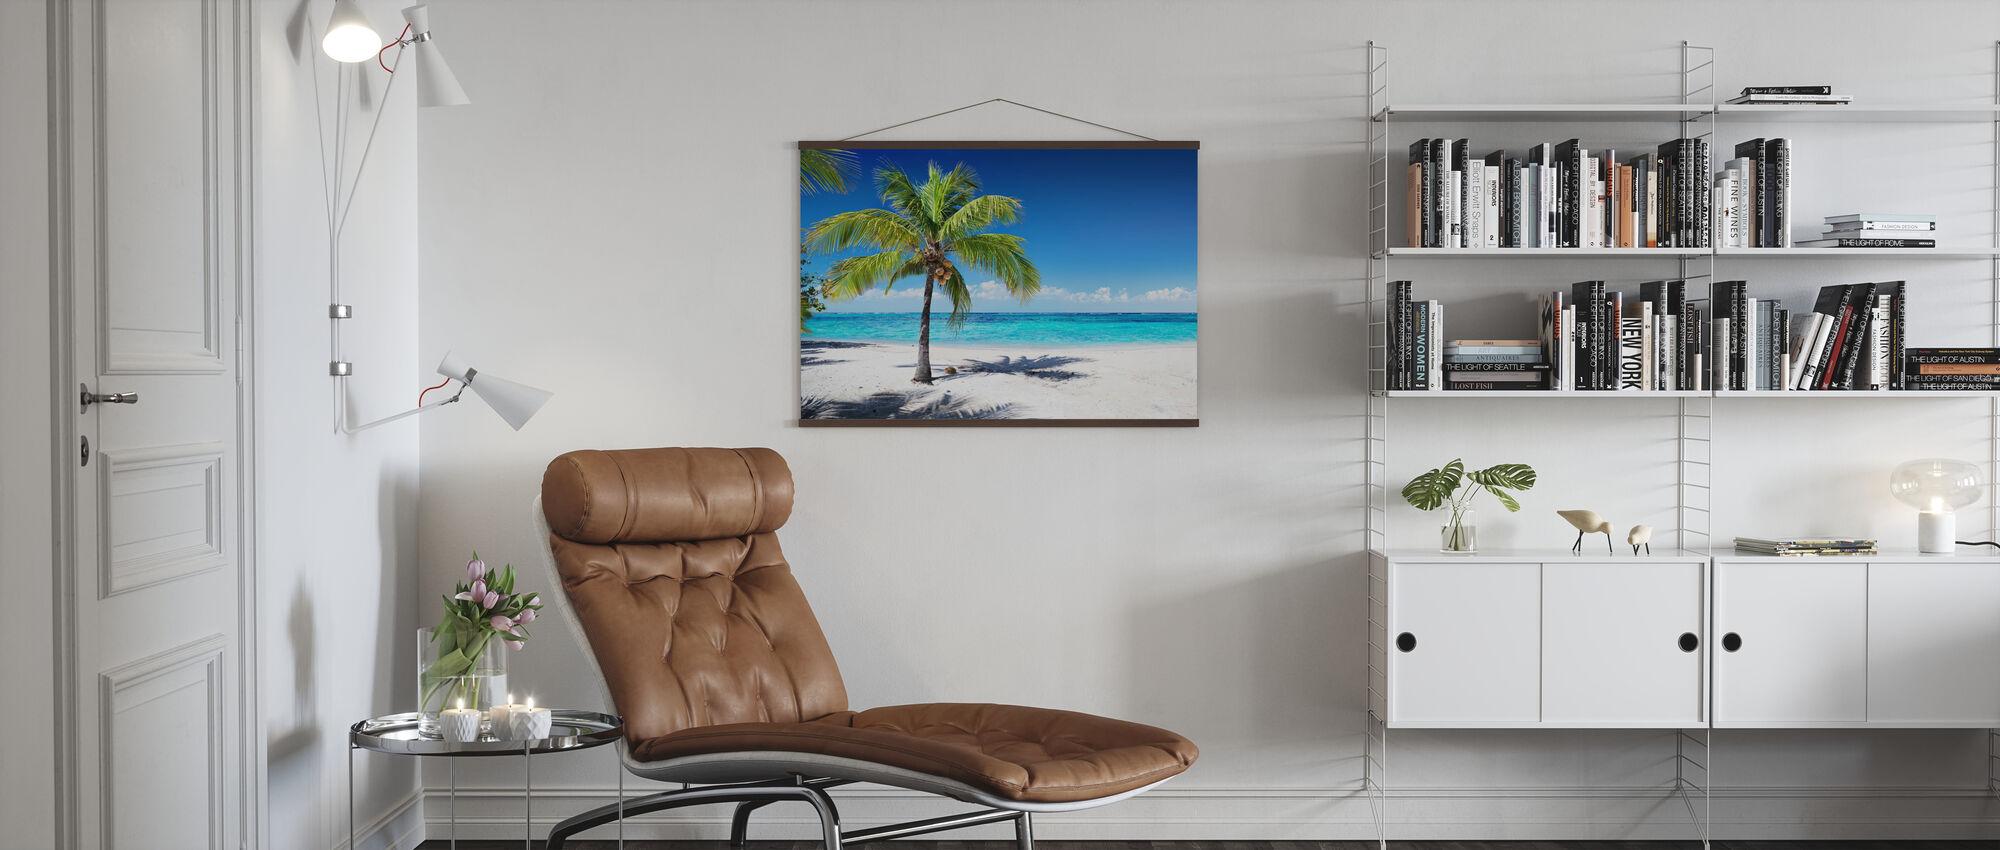 Koraalstrand met palmboom - Poster - Woonkamer